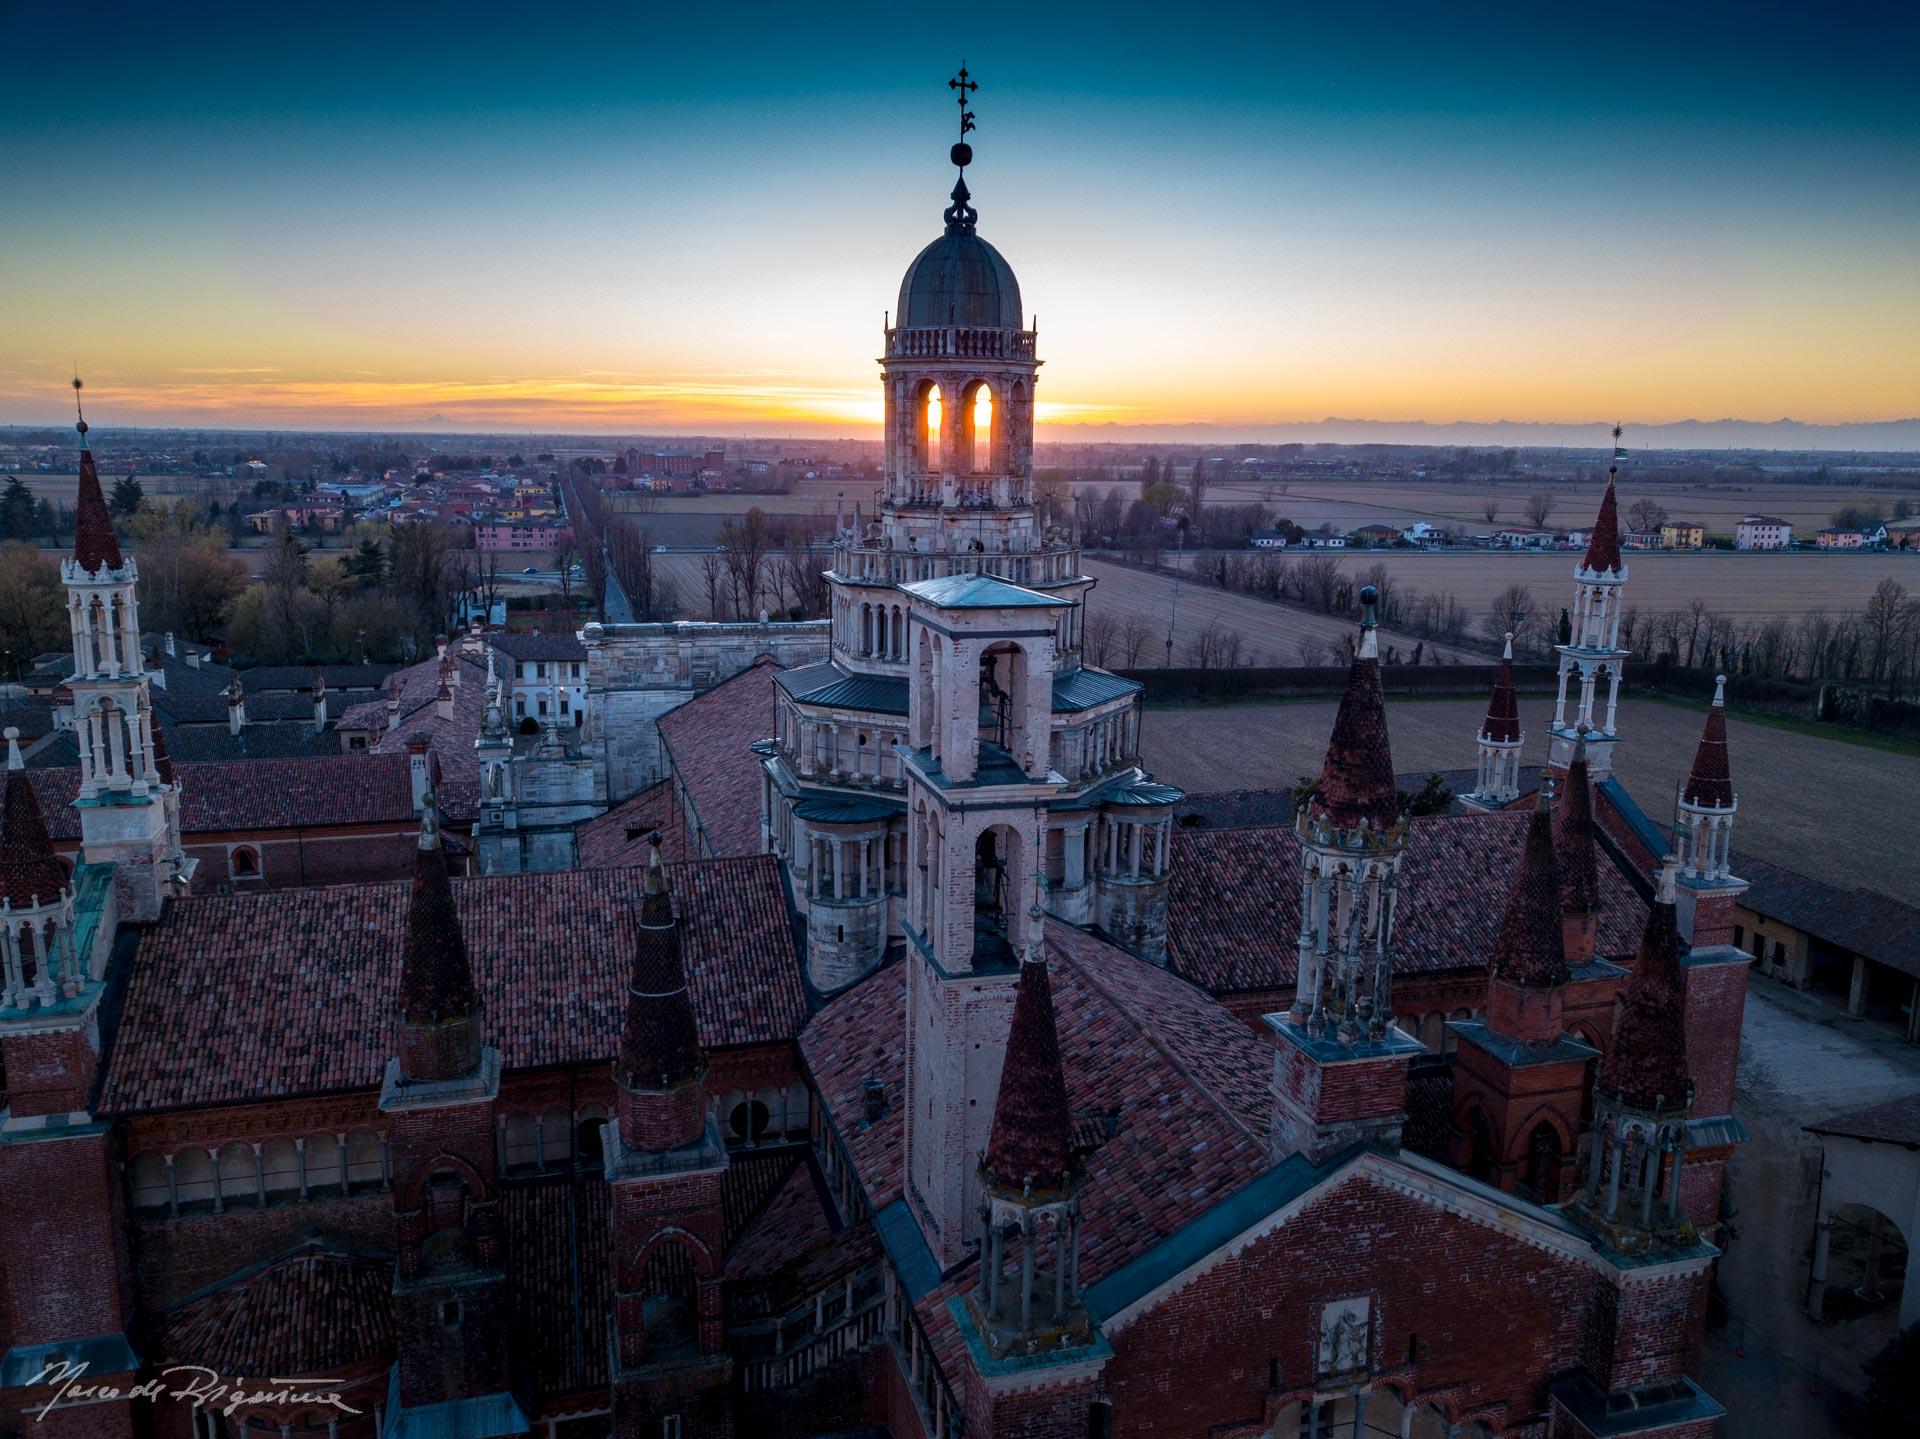 esperienza drone immagine portfolio turismo promozione territorio italia antiche residenze castelli alberghi hotelcertosa pavia ora blu sei.jpg